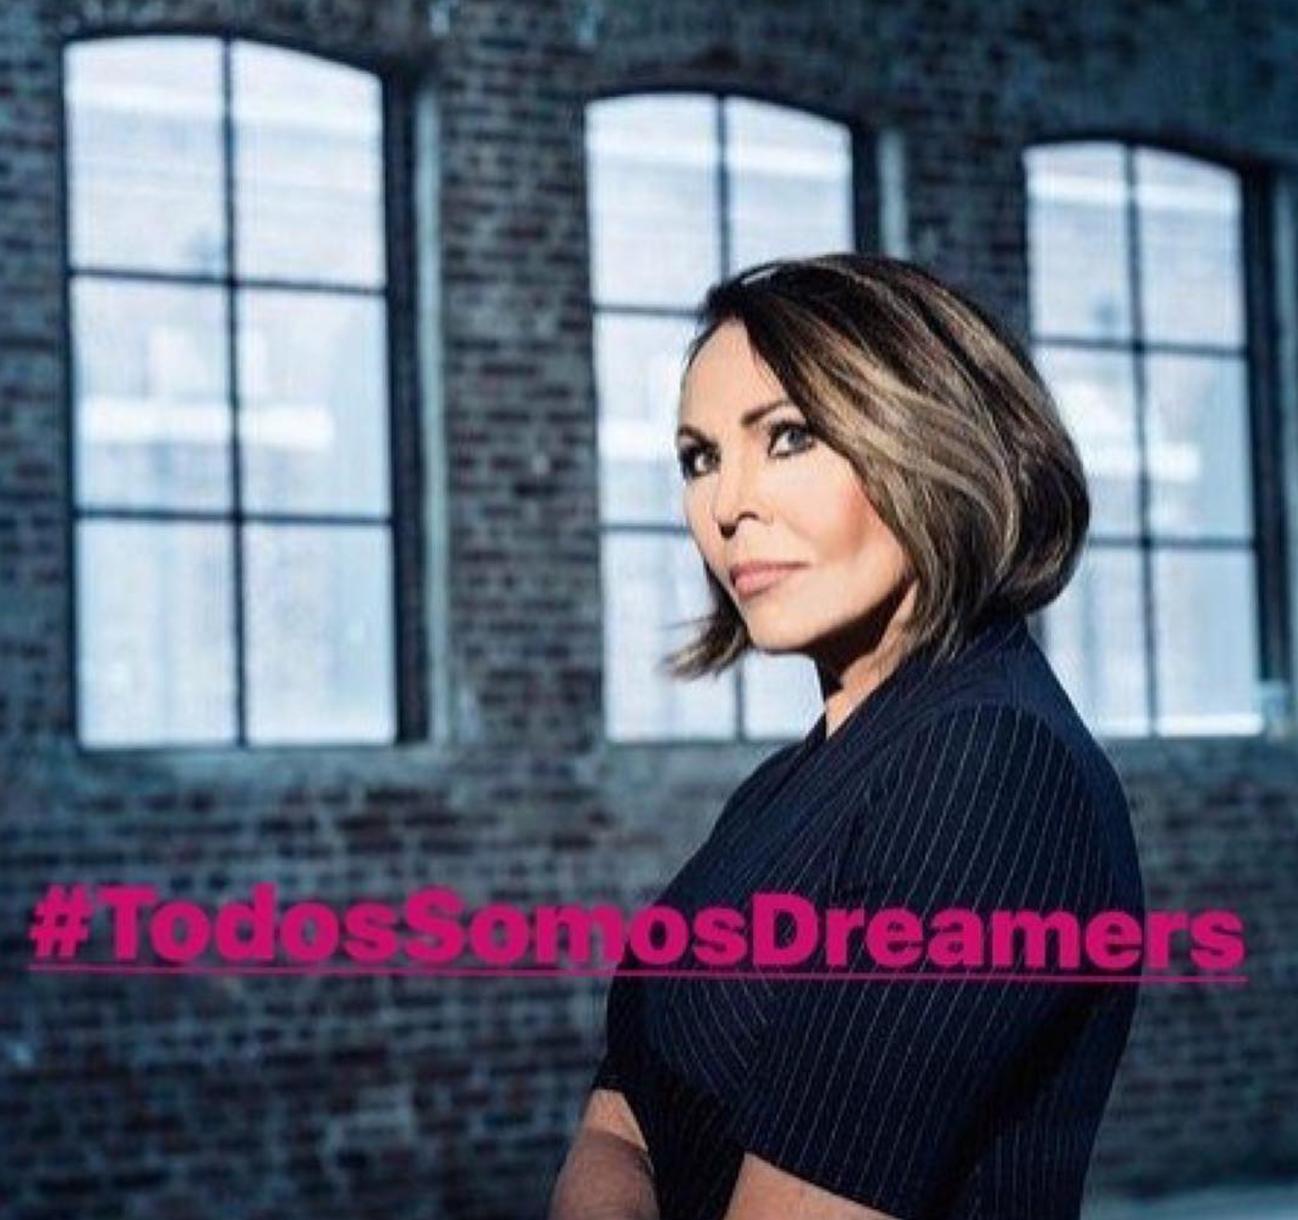 Todos somos dreamers 7